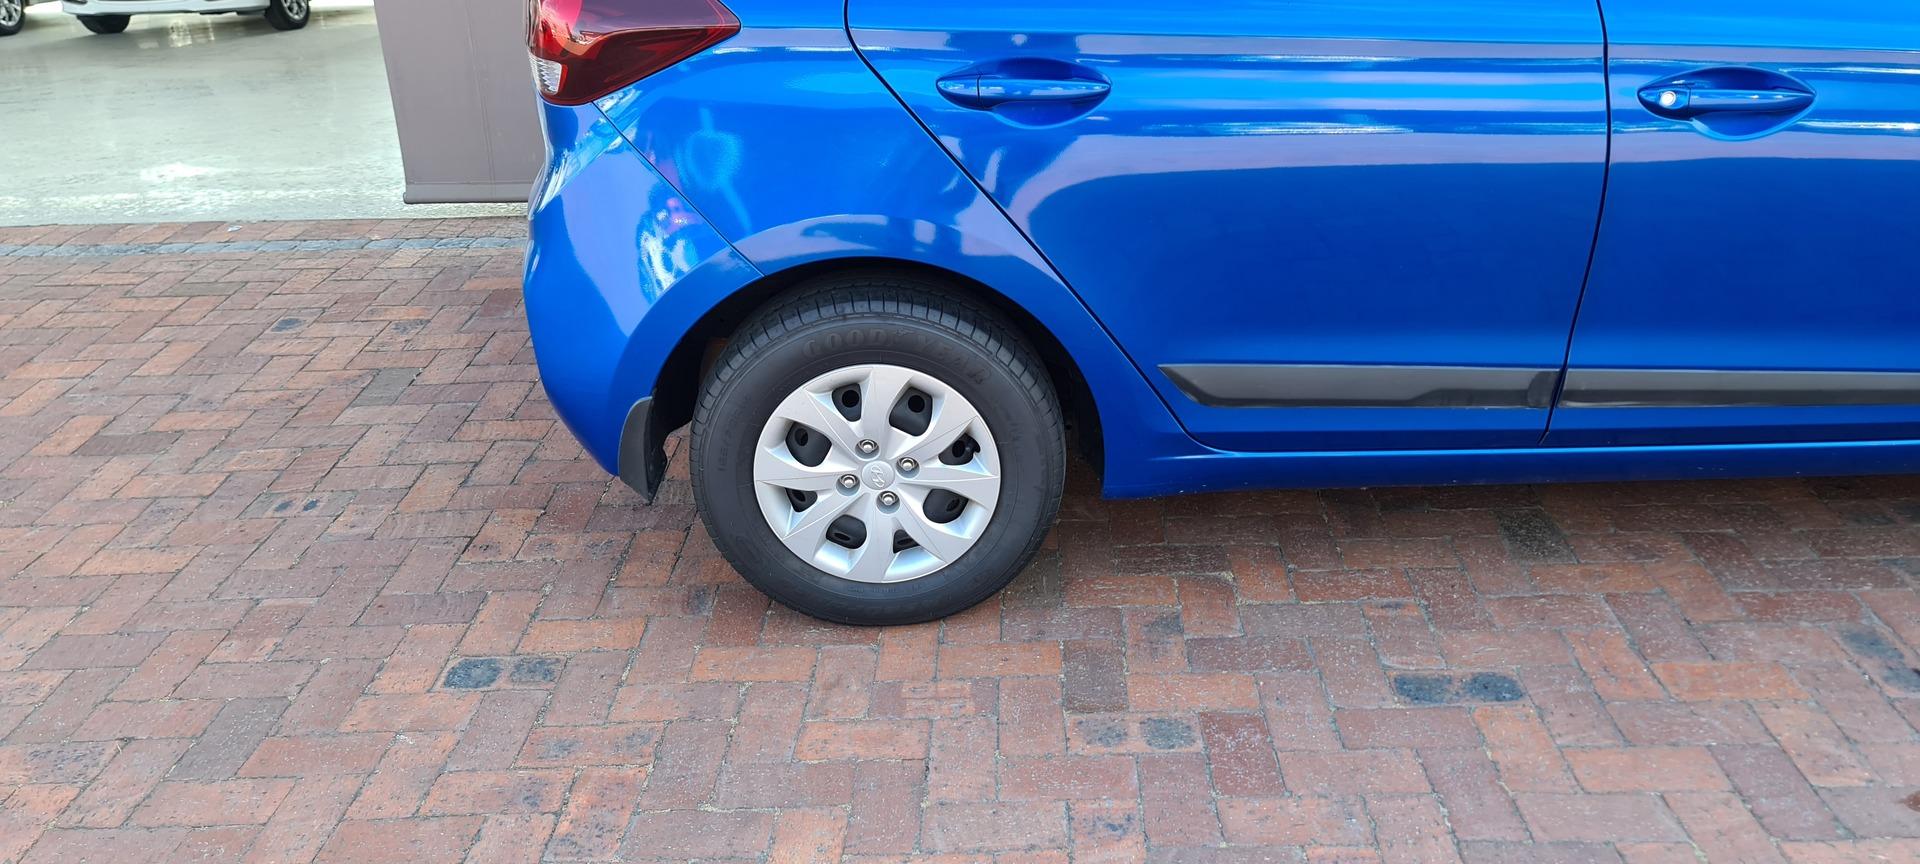 HYUNDAI 1.2 MOTION Cape Town 2324761